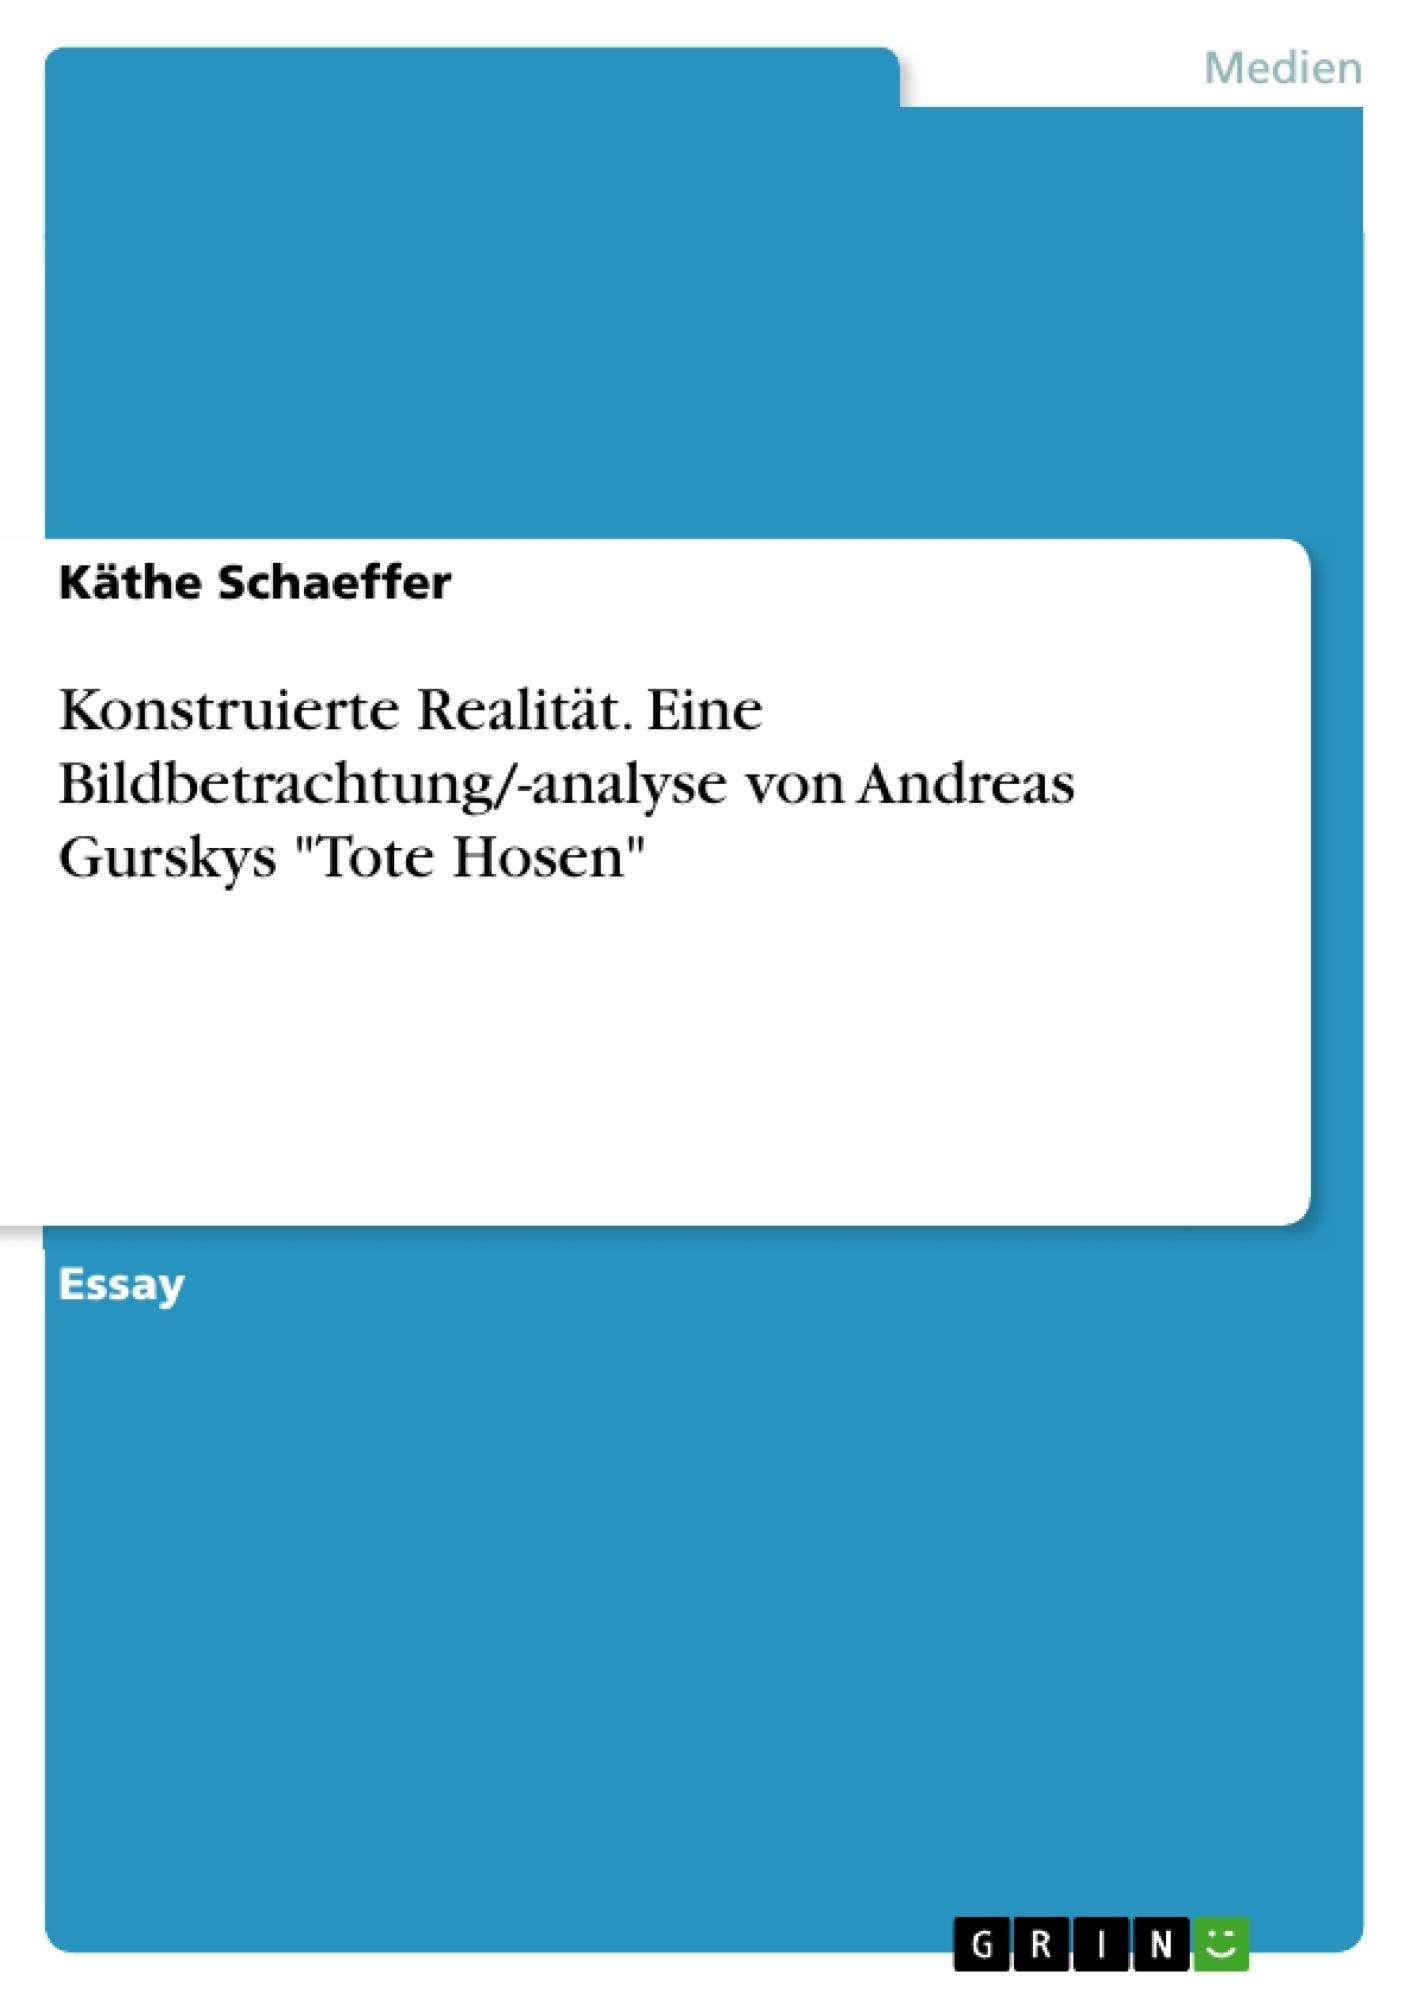 """Titel: Konstruierte Realität. Eine Bildbetrachtung/-analyse von Andreas Gurskys """"Tote Hosen"""""""